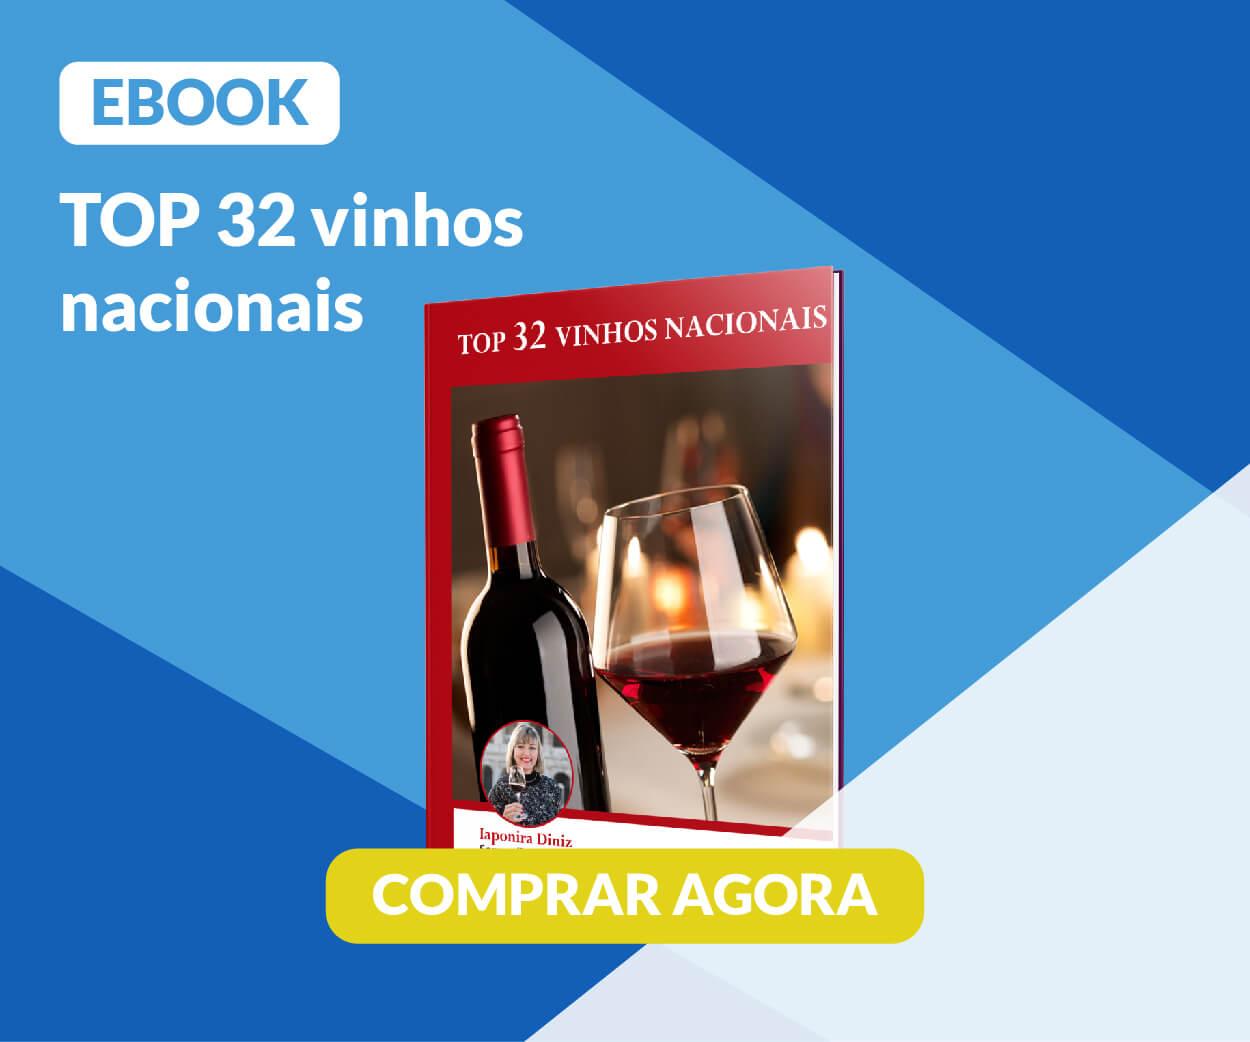 eBook top 32 vinhos nacionais